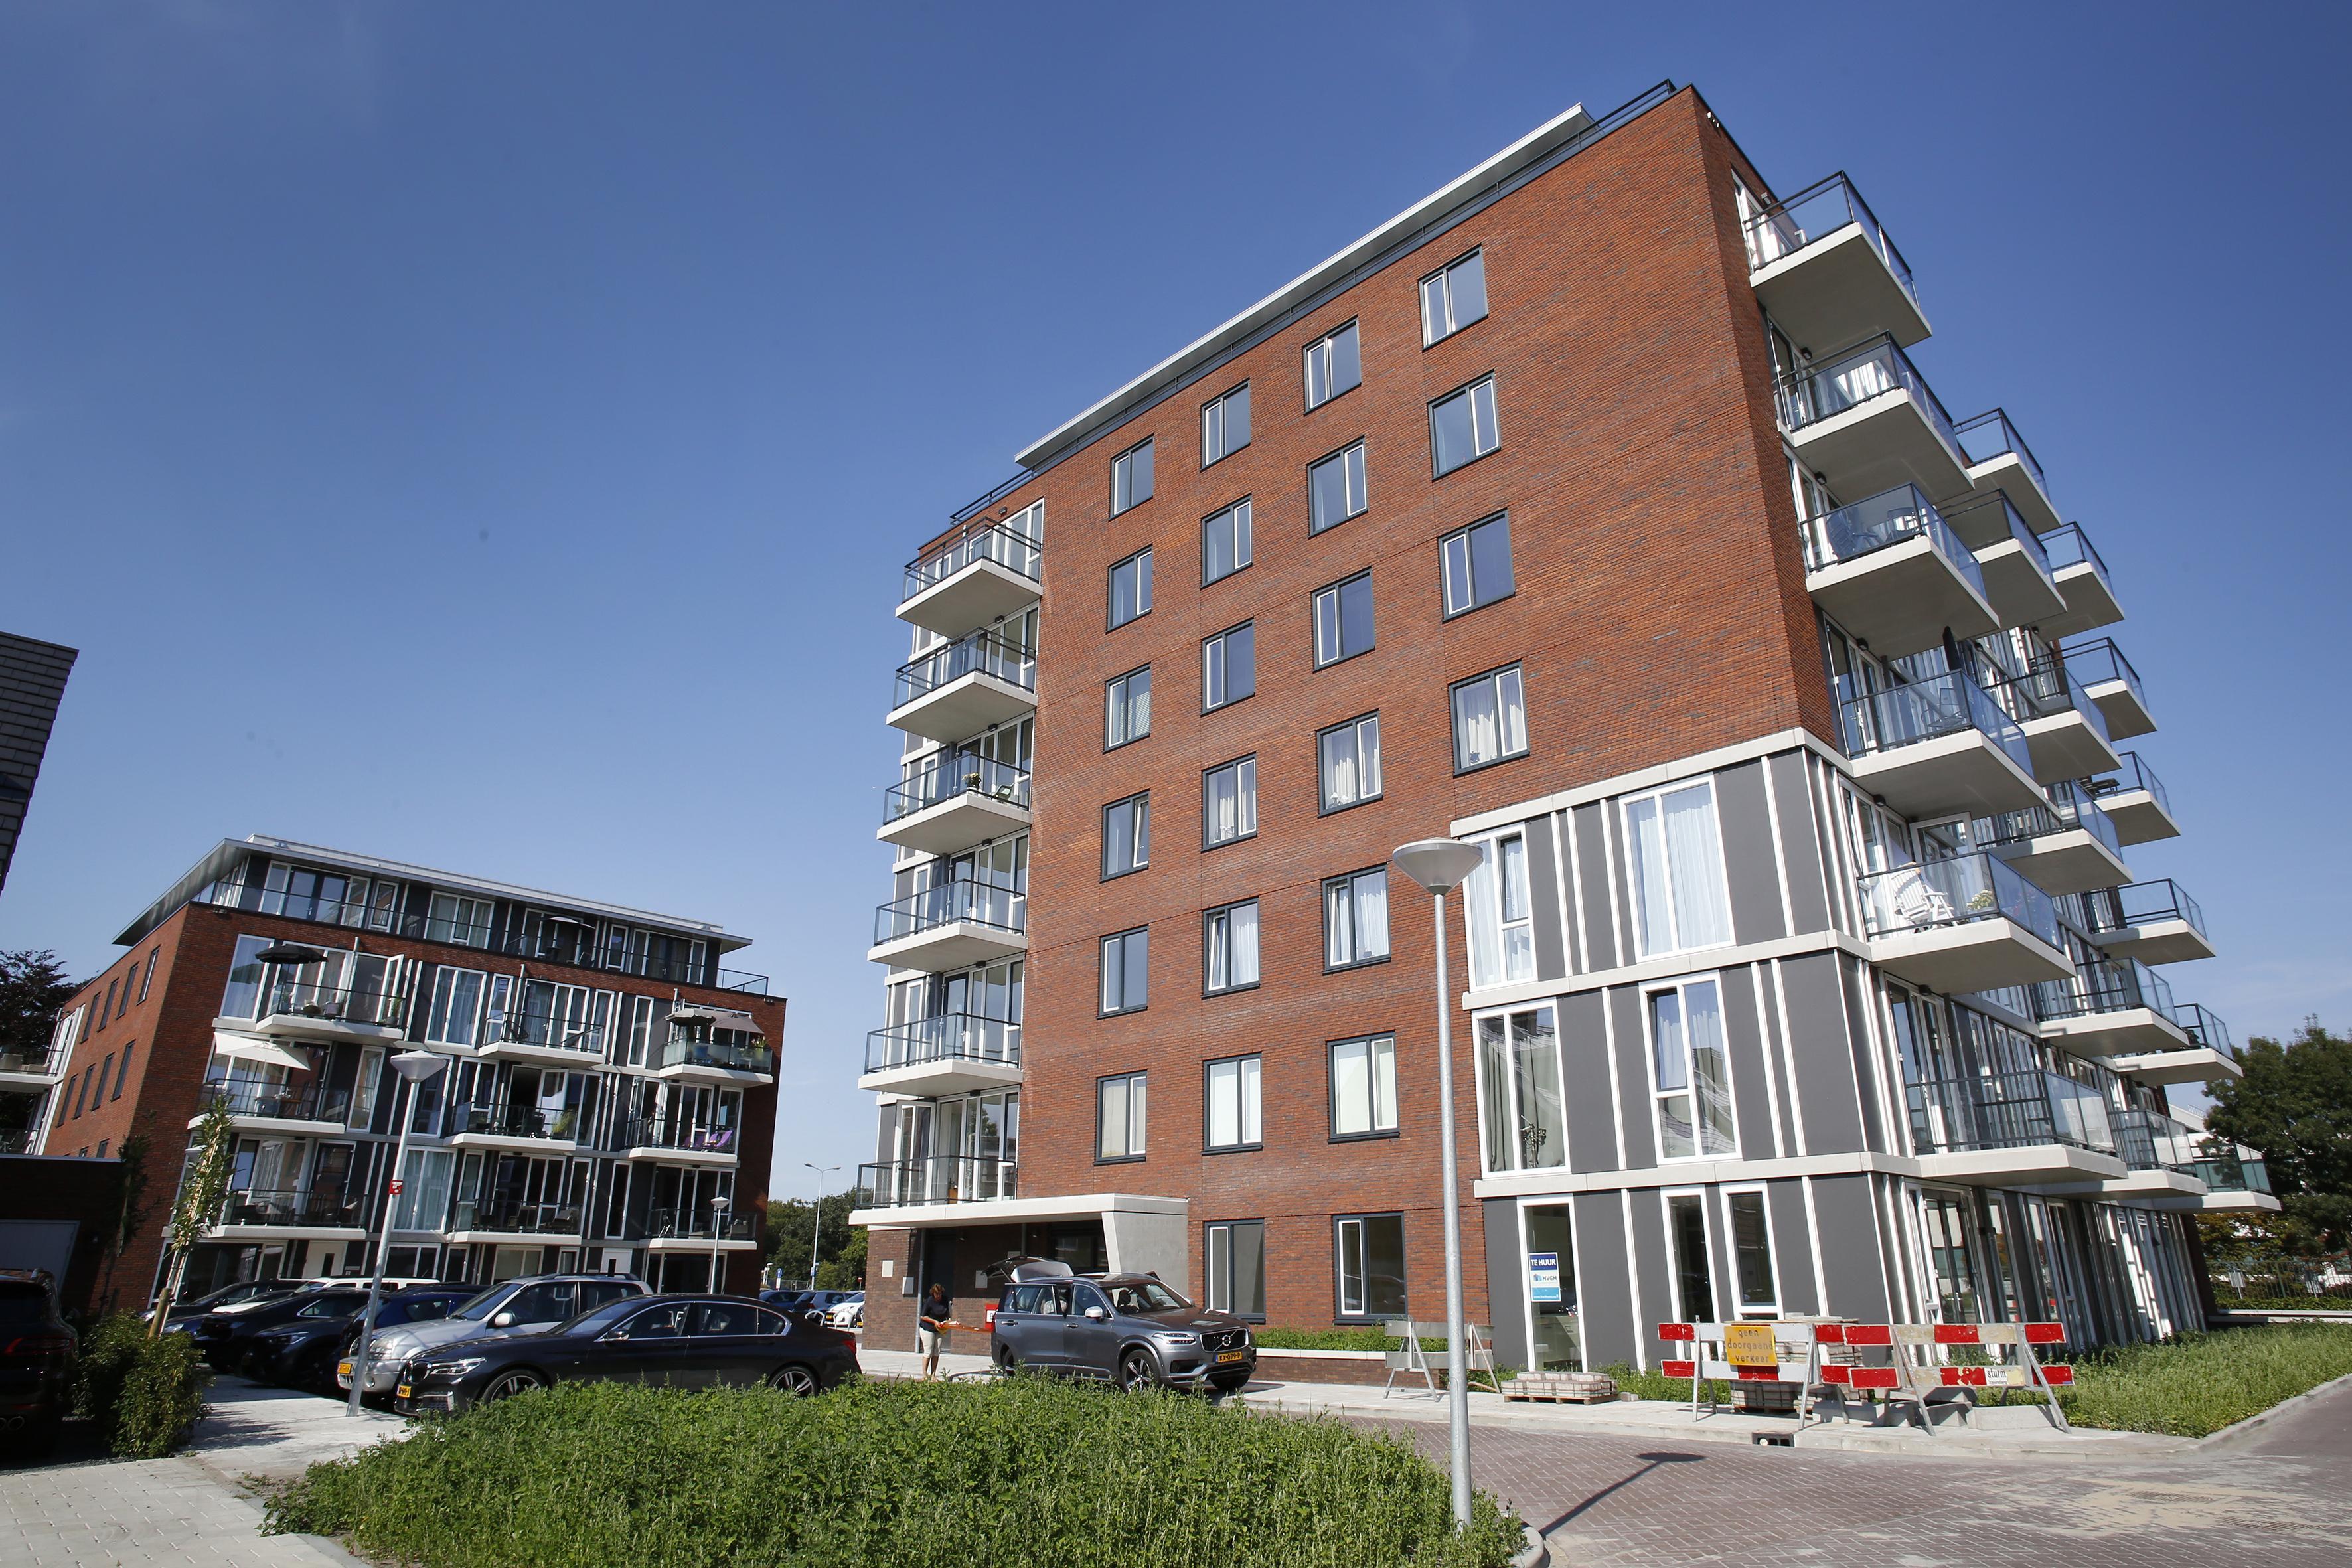 Hoogste woonruimte in Loosdrecht op last van burgemeester gesloten na drugsvondst